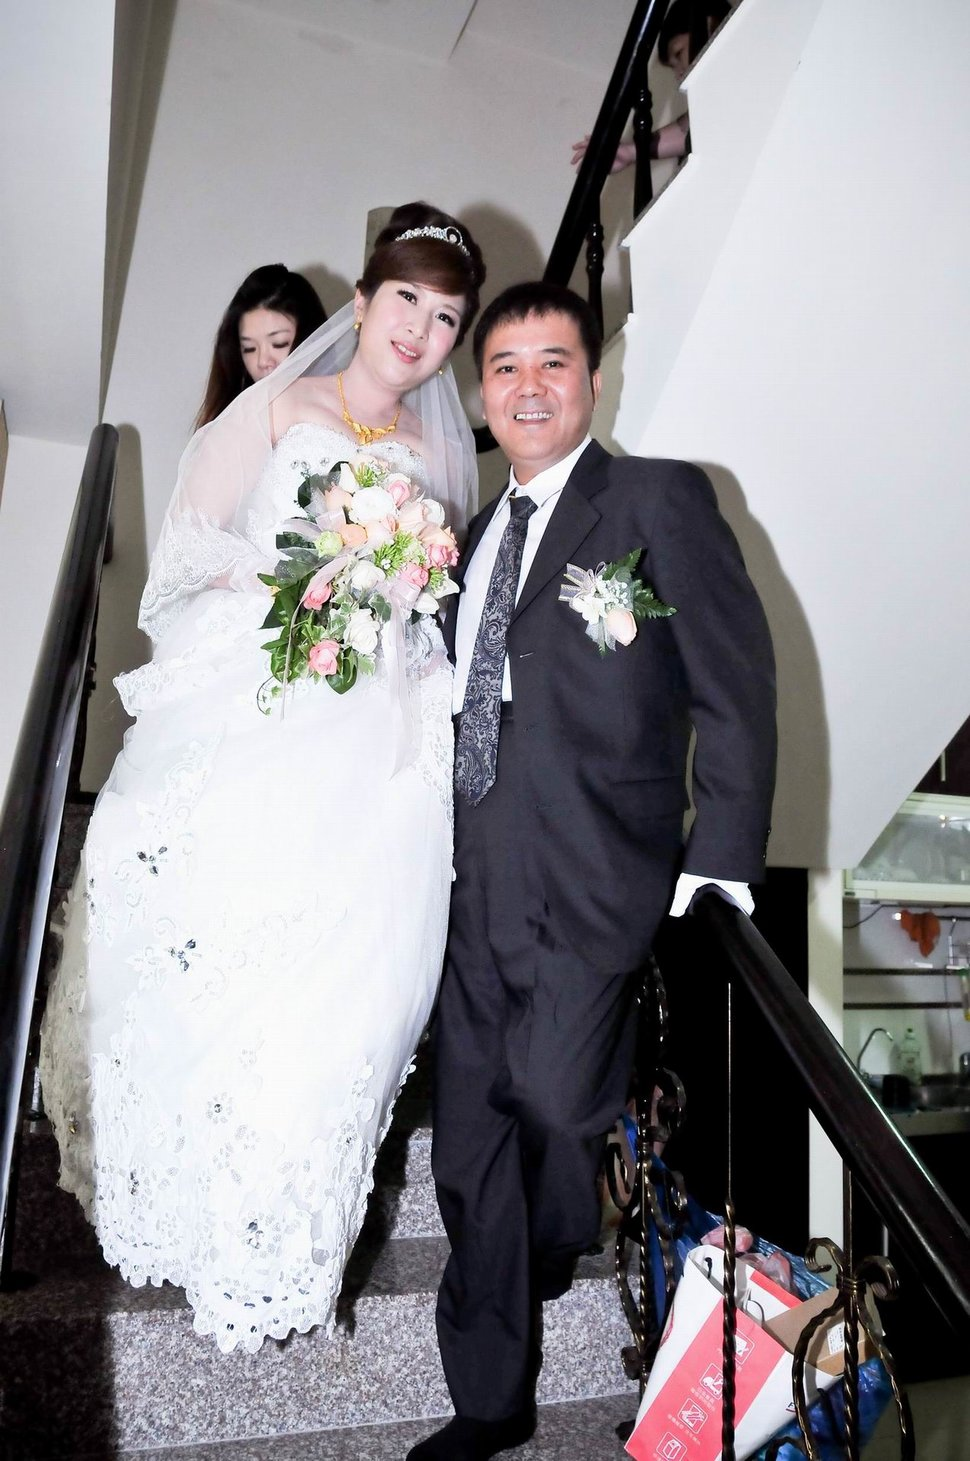 專業婚攝婚禮紀錄婚禮紀錄專業錄影婚禮錄影婚禮記錄動態微電影錄影專業錄影平面攝影婚攝婚禮主持人(編號:280428) - 蜜月拍照10800錄影12800攝影團隊 - 結婚吧